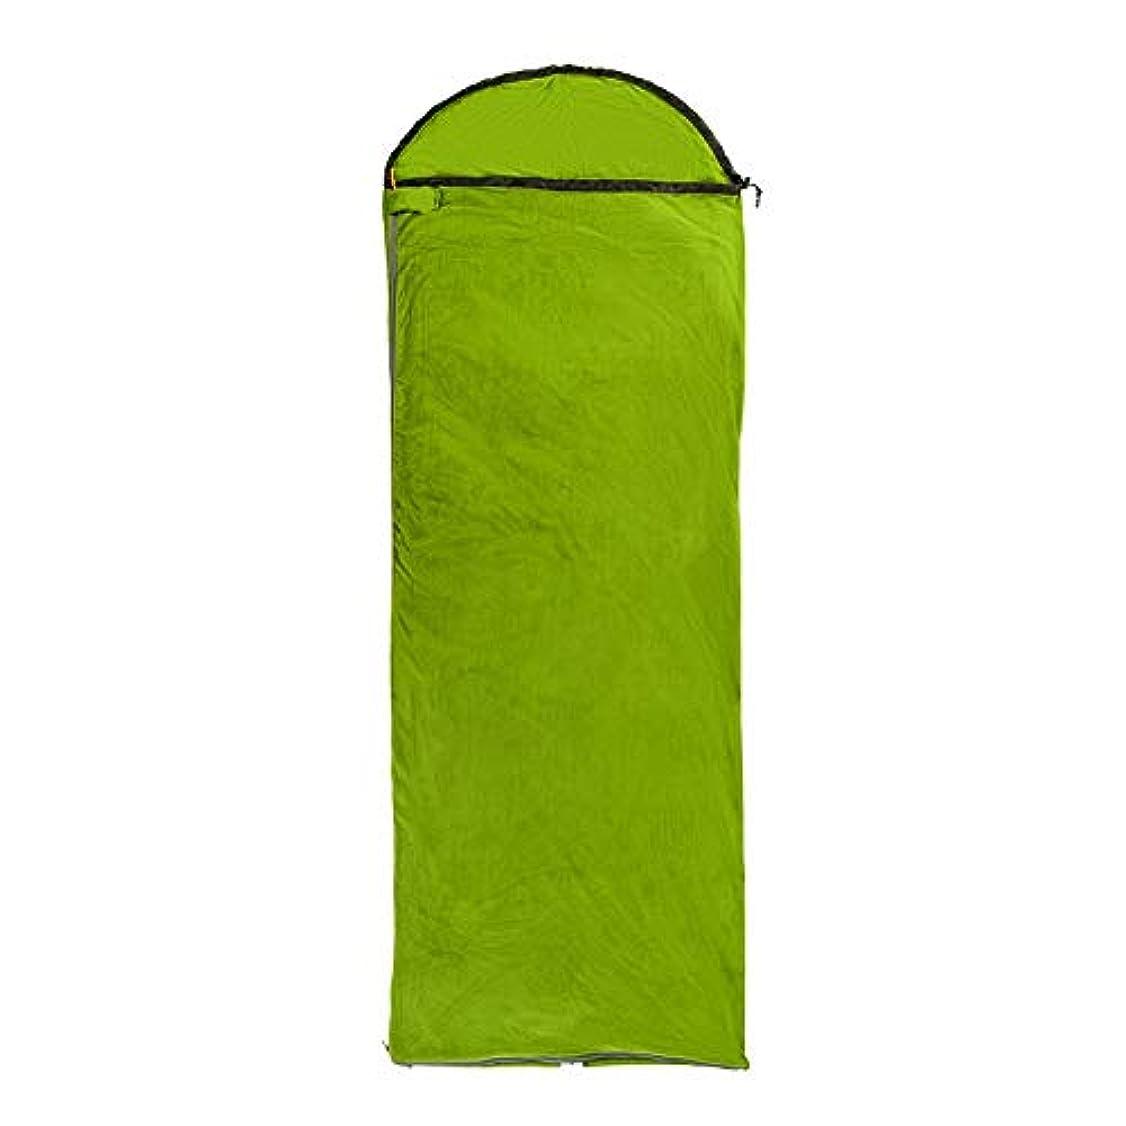 硫黄リーンピアIAIZI 寝袋大人のキャンプキャンプ超軽量ポータブル夏の春と秋の暖かい下着 (Color : Green)